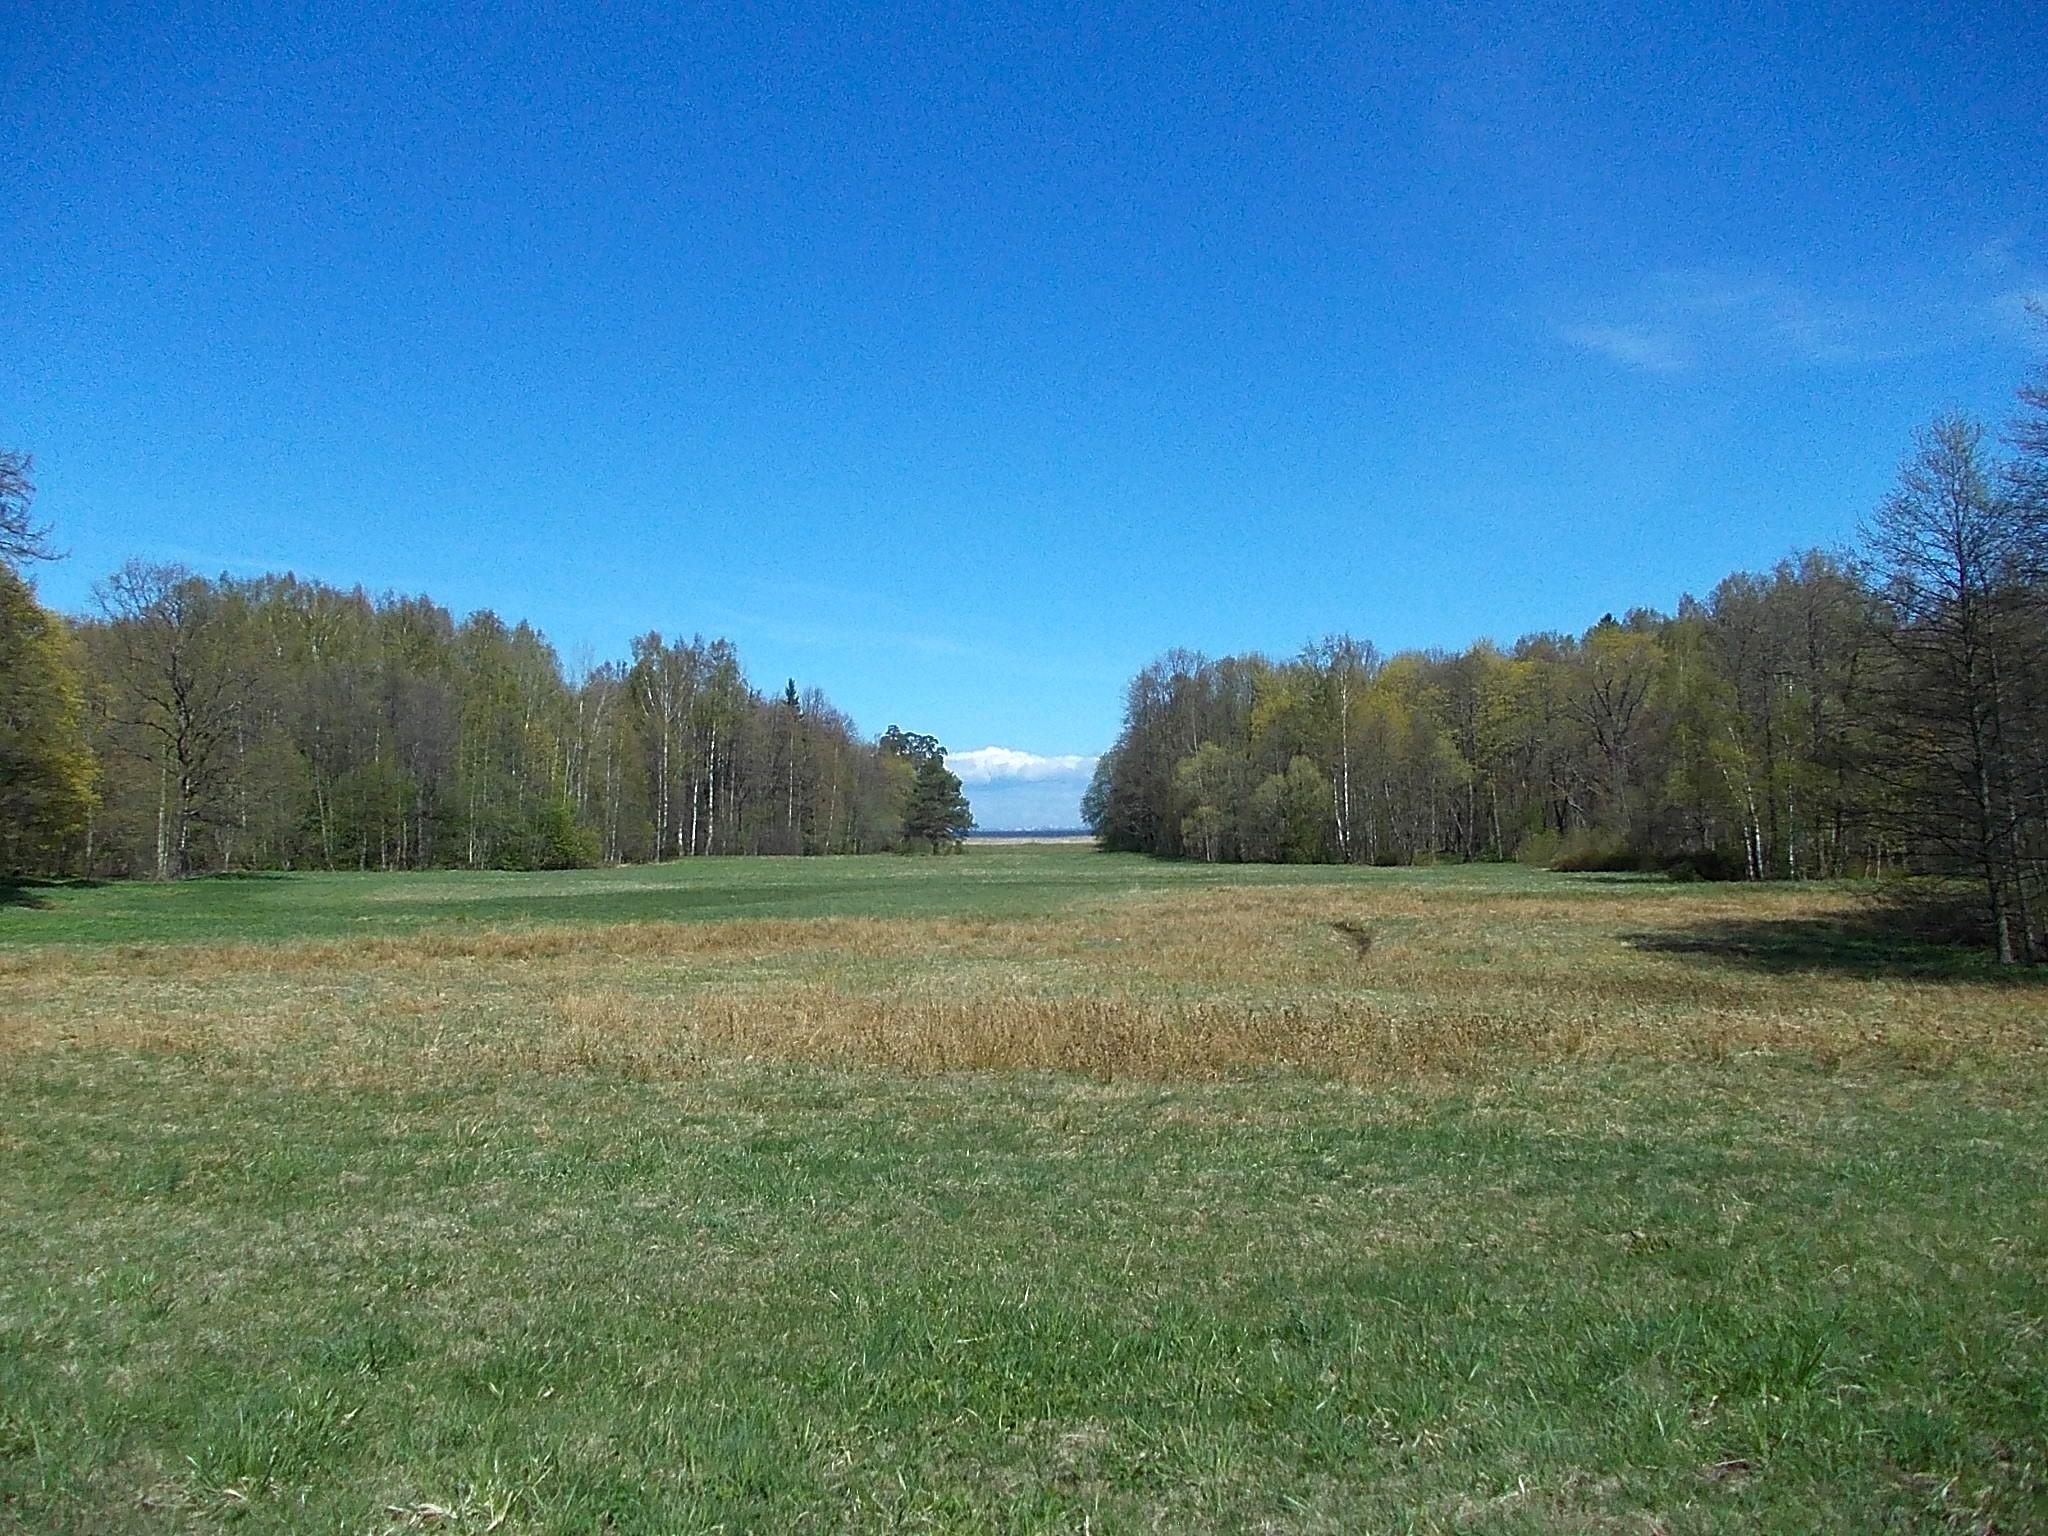 Часть парка прилегающая к Финскому заливу. Фото: Uz1awa (Wikimedia Commons)